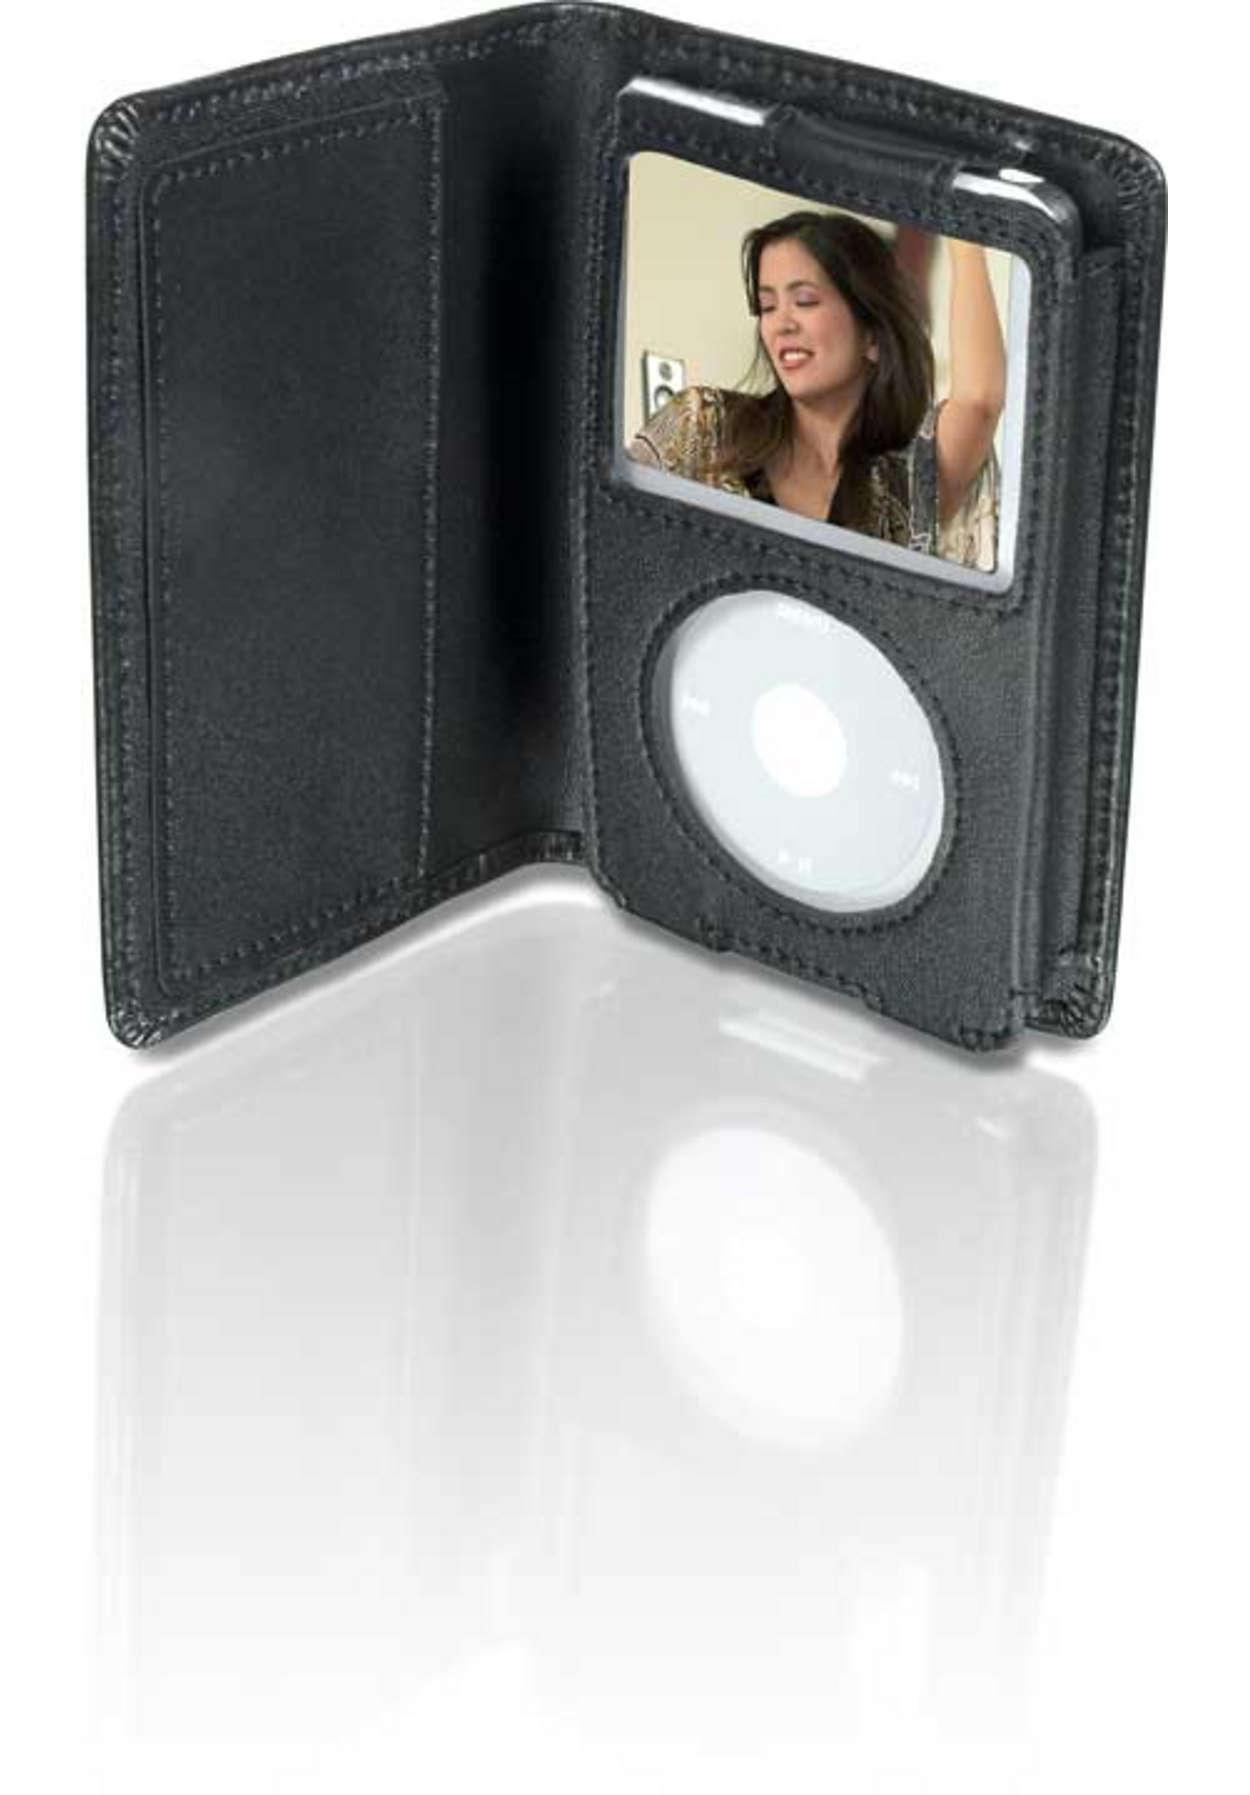 Protégez votre iPod vidéo avec style